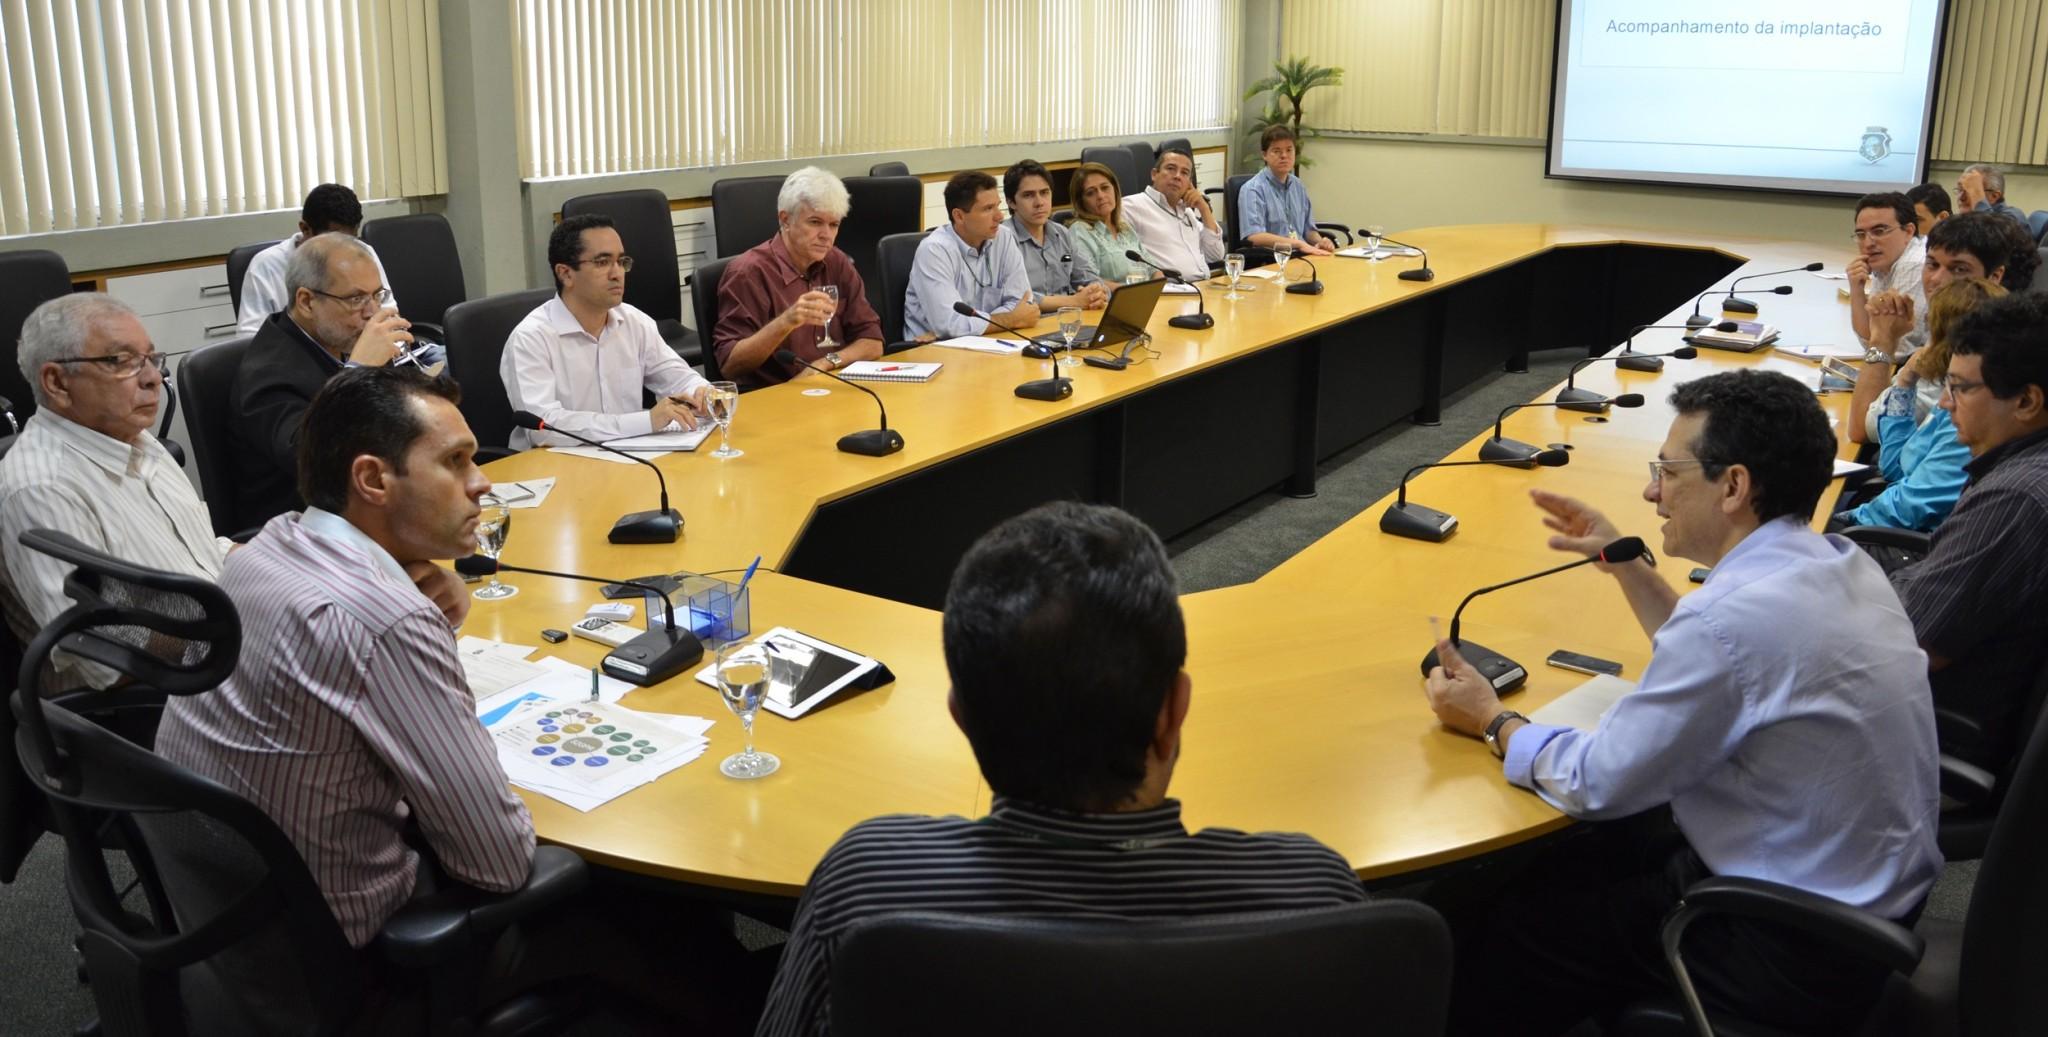 SEPLAG faz reunião de acompanhamento do S2GPR